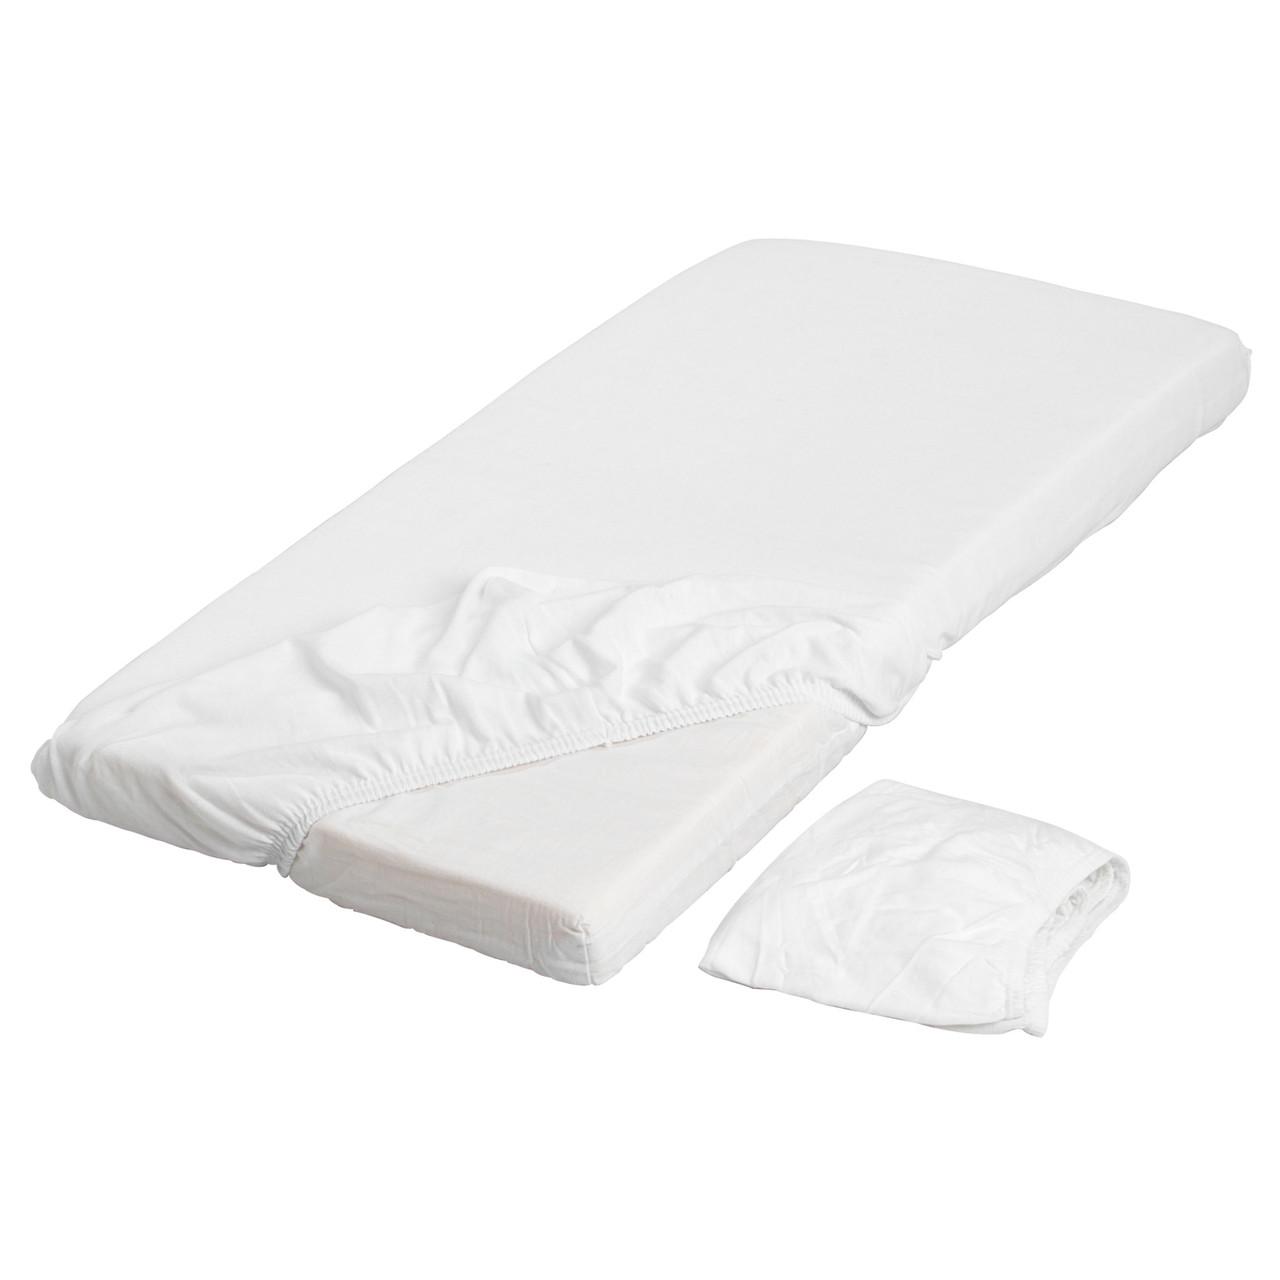 Простыня с резинкой IKEA LEN 70x160 см белая 701.286.13